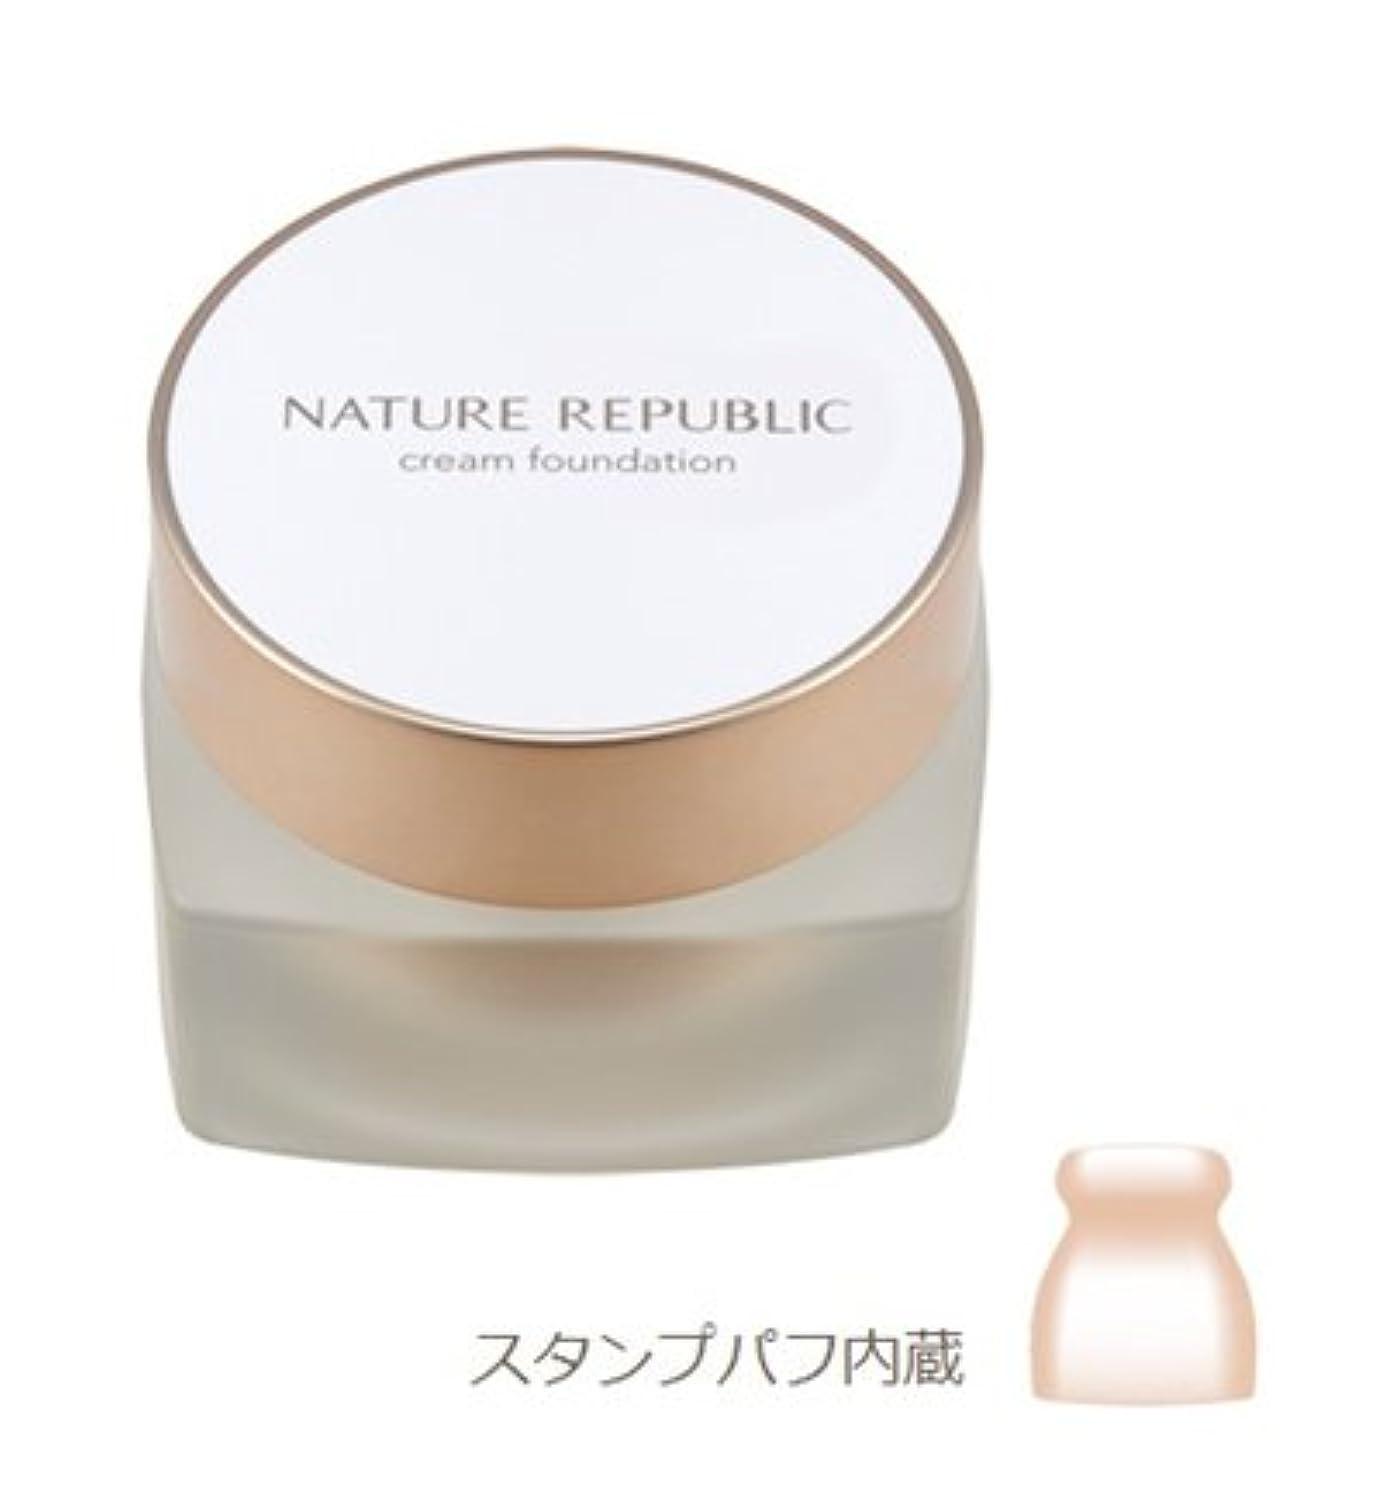 パリティしたがってヒステリックNATURE REPUBLIC Ginseng Royal Silk Cream Foundation (#No.2 Natural Beige) ネイチャーリパブリックジンセンロイヤルシルククリームファンデーション [...